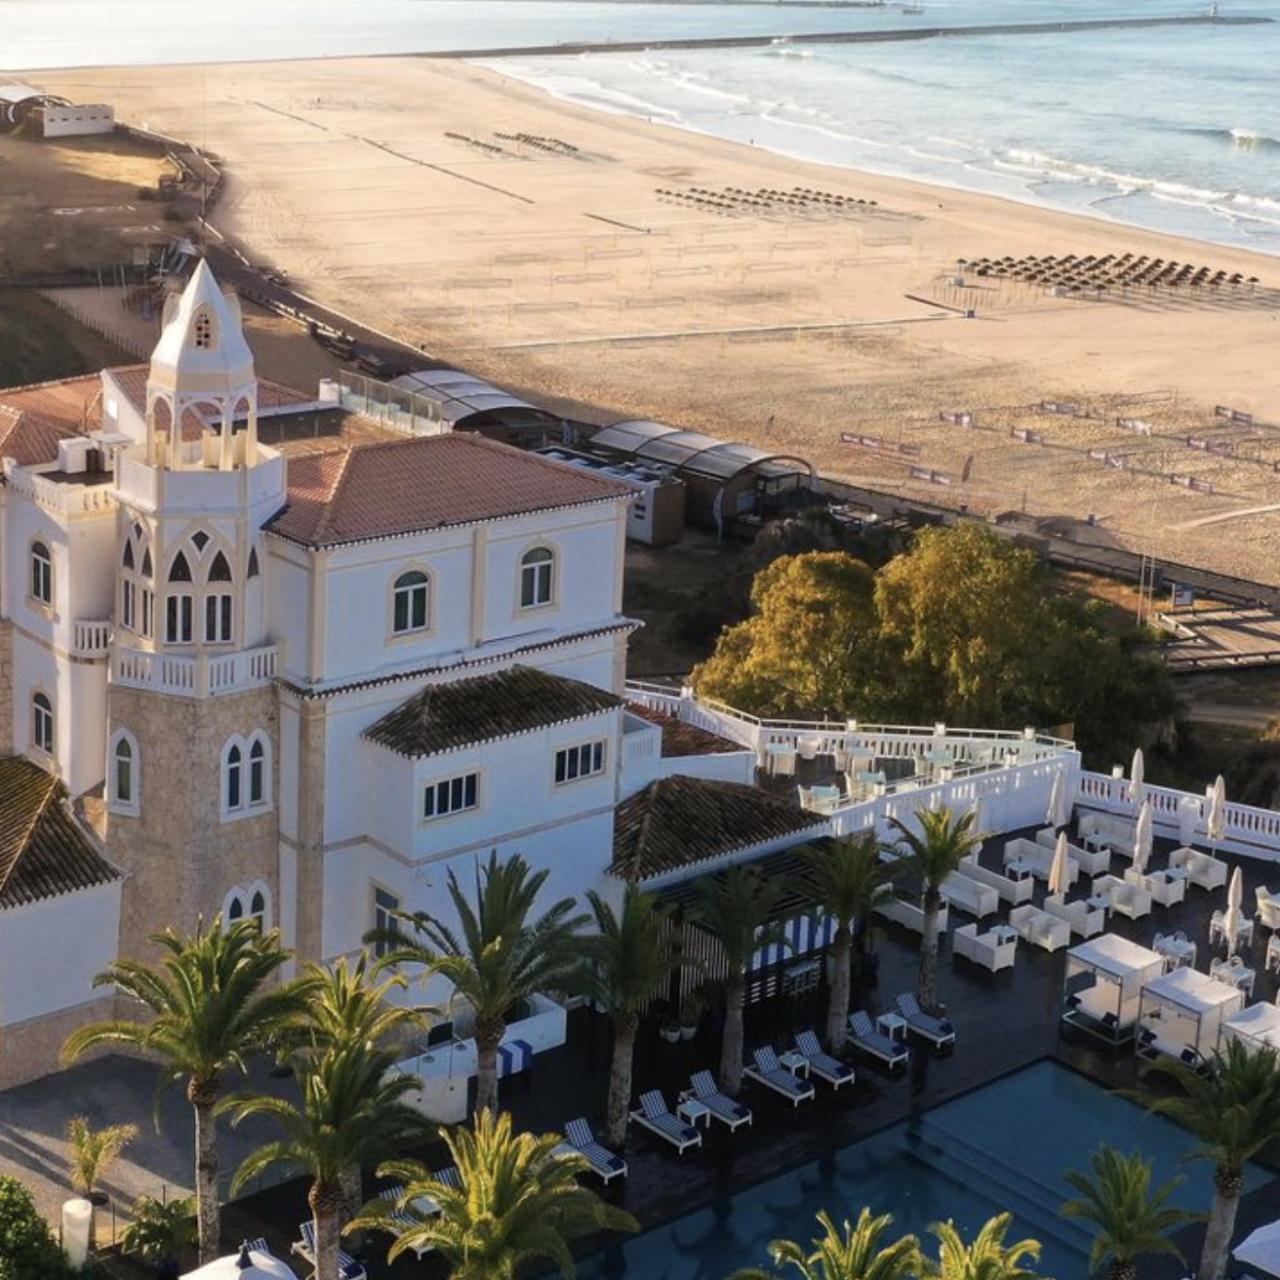 Bela Vista Hotel & Spa: El hotel en Praia da Rocha, Portugal, que te va a enamorar